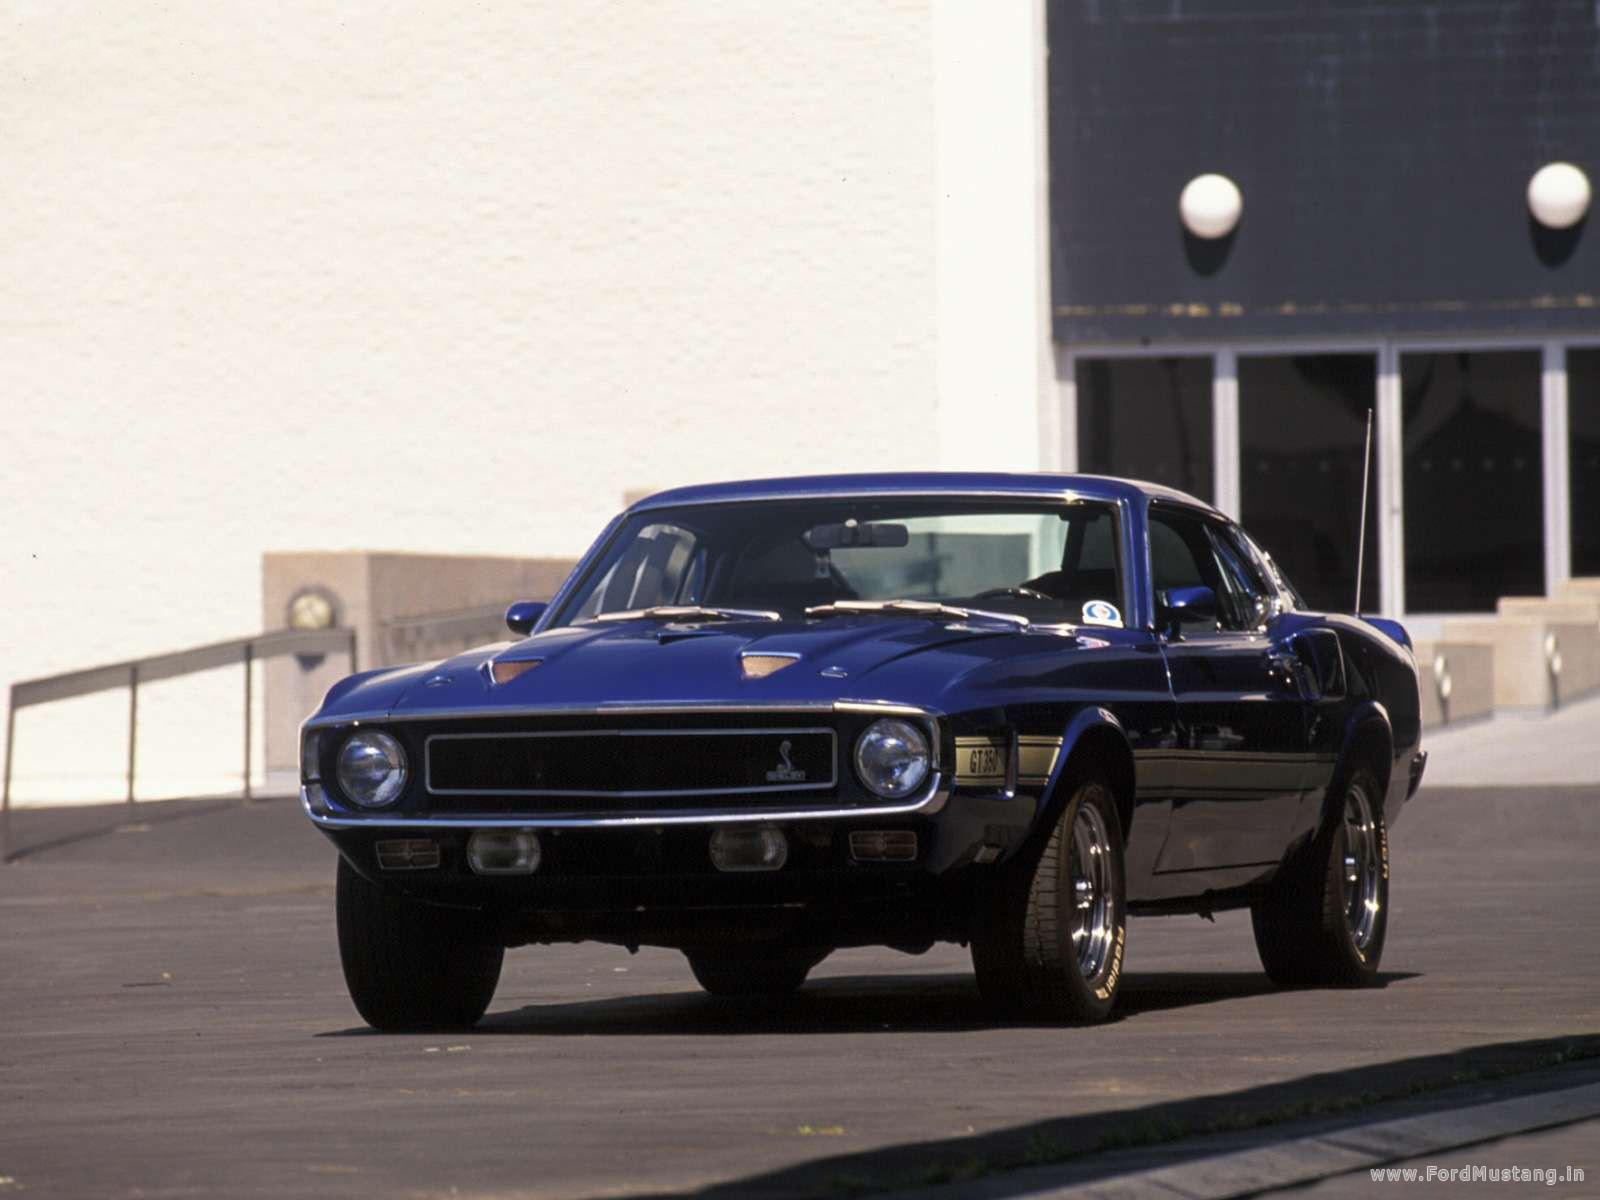 Wallpapers Hq Ford Mustang Bullitt 1954 Shelby 1968 1969